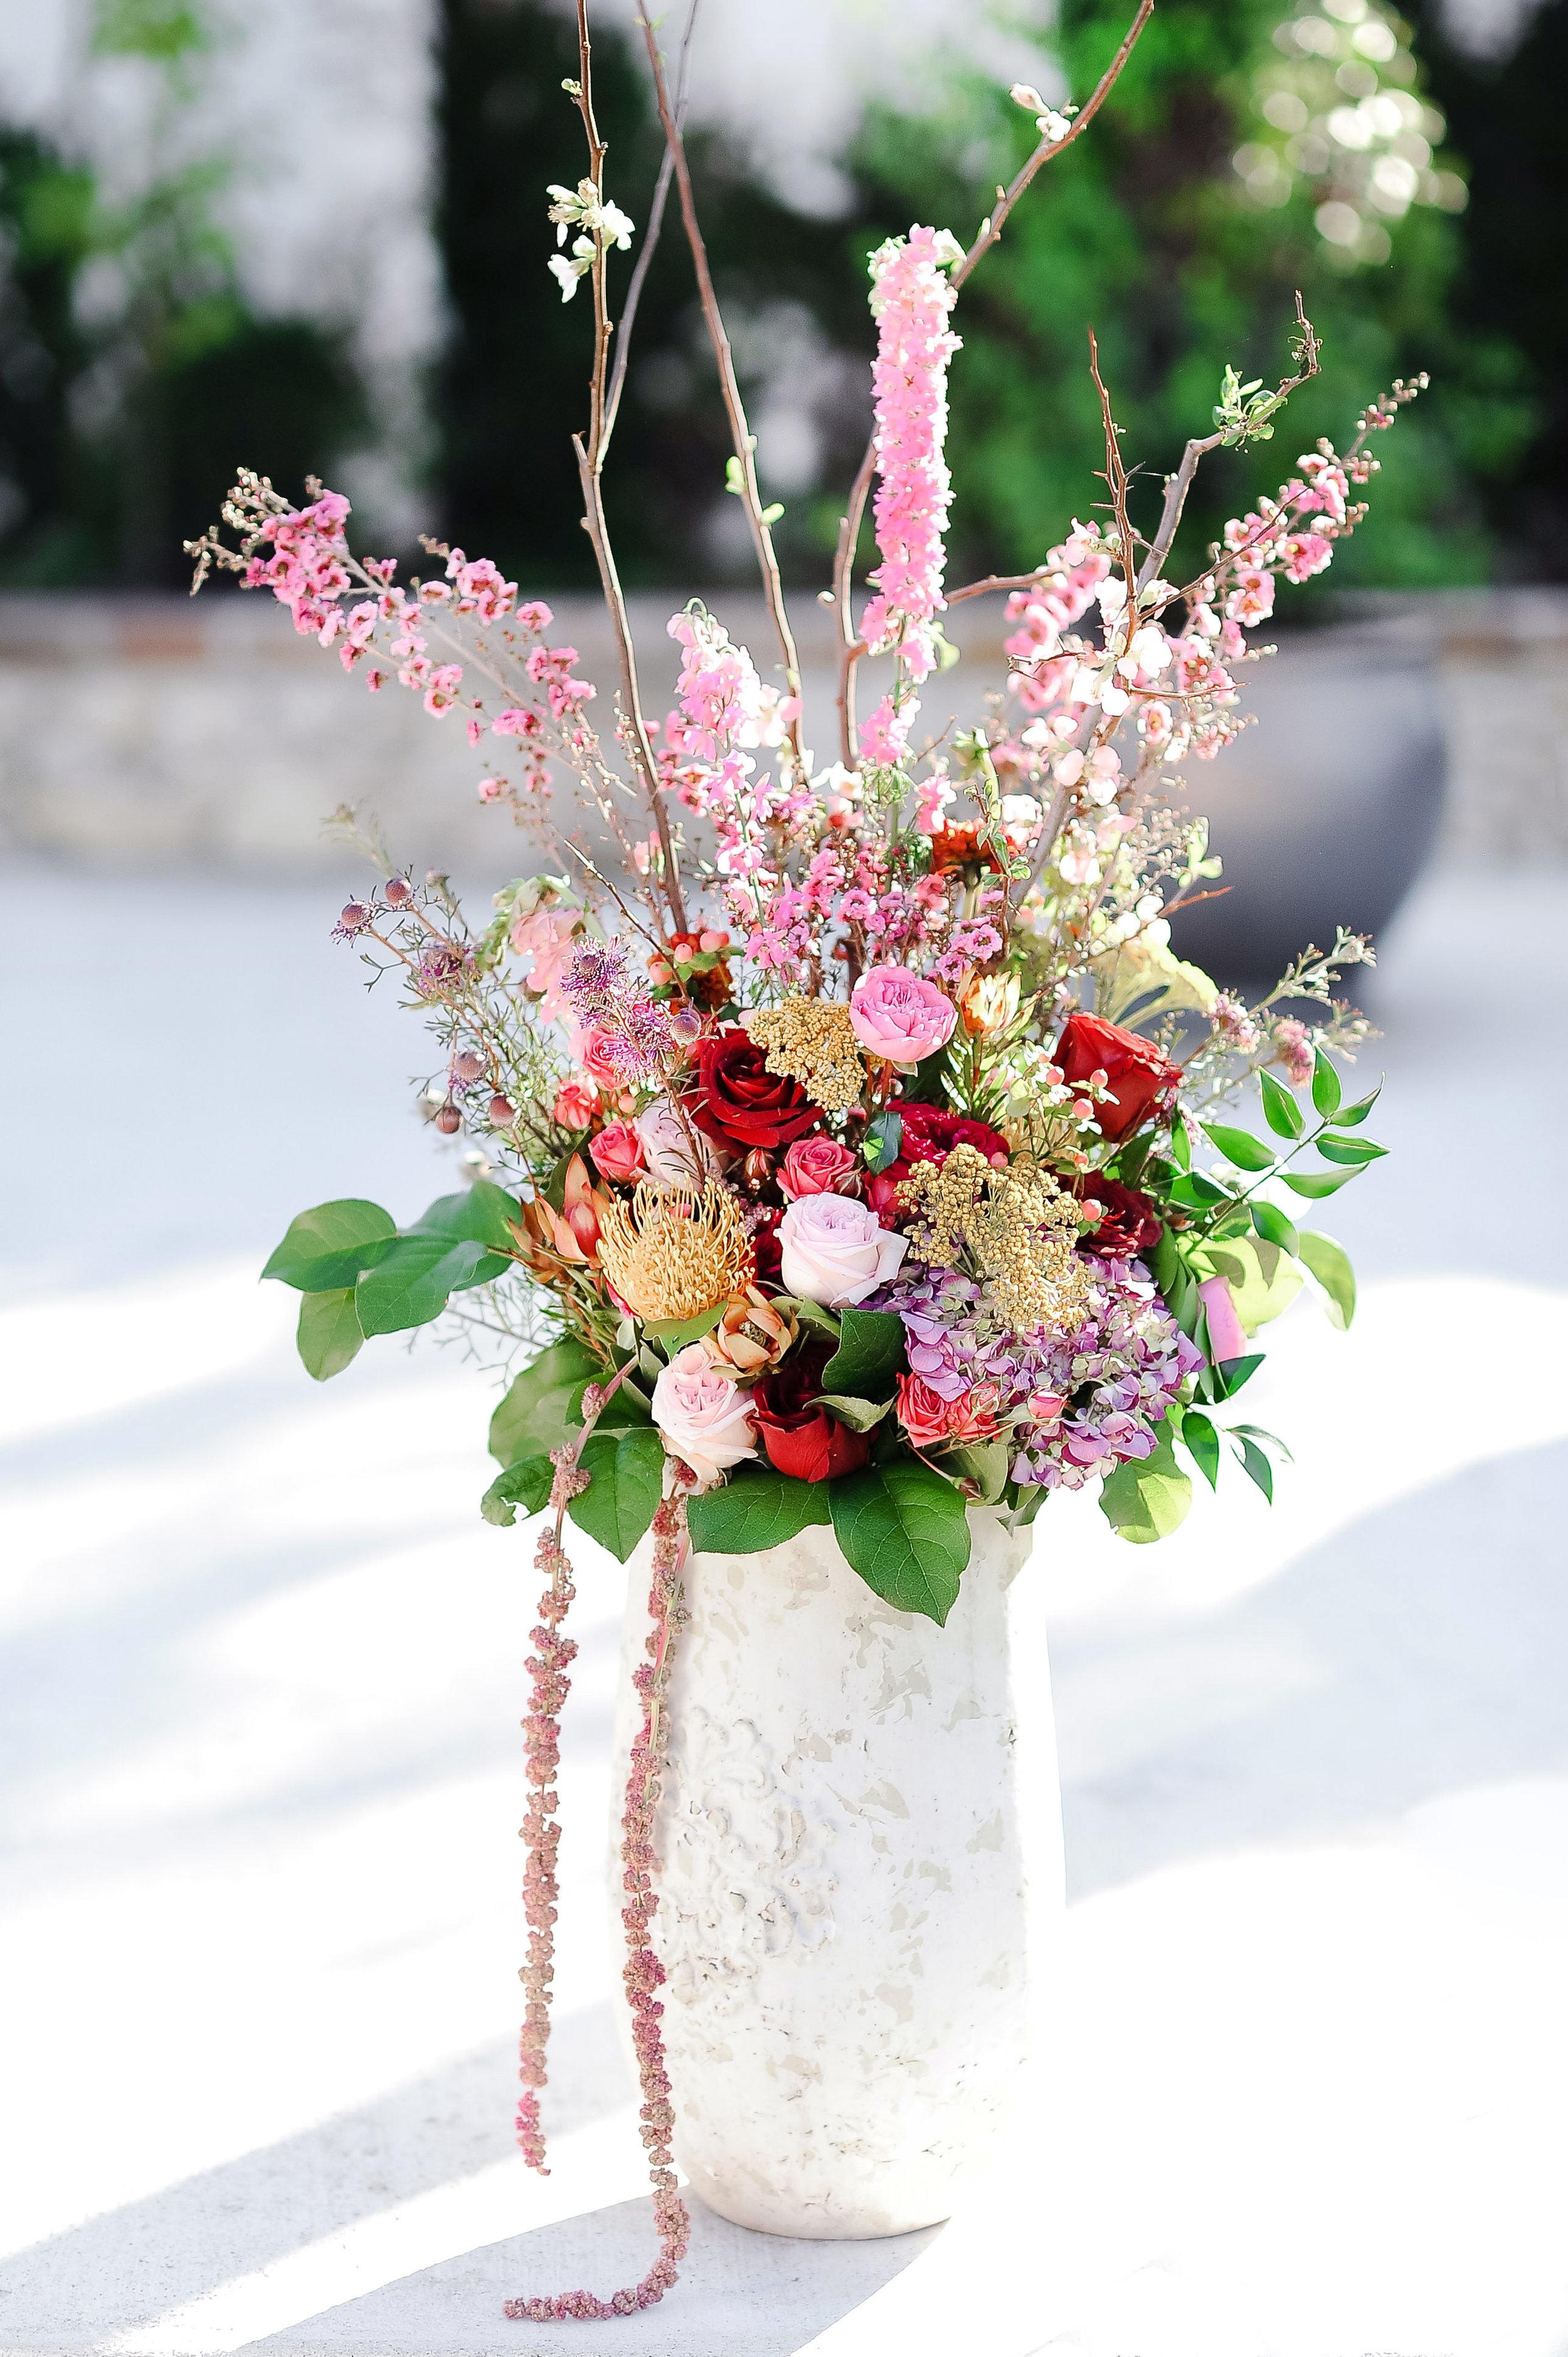 Garden-Grove-Spanish-Wedding-jessicafreyphotography-FAV-038.jpg